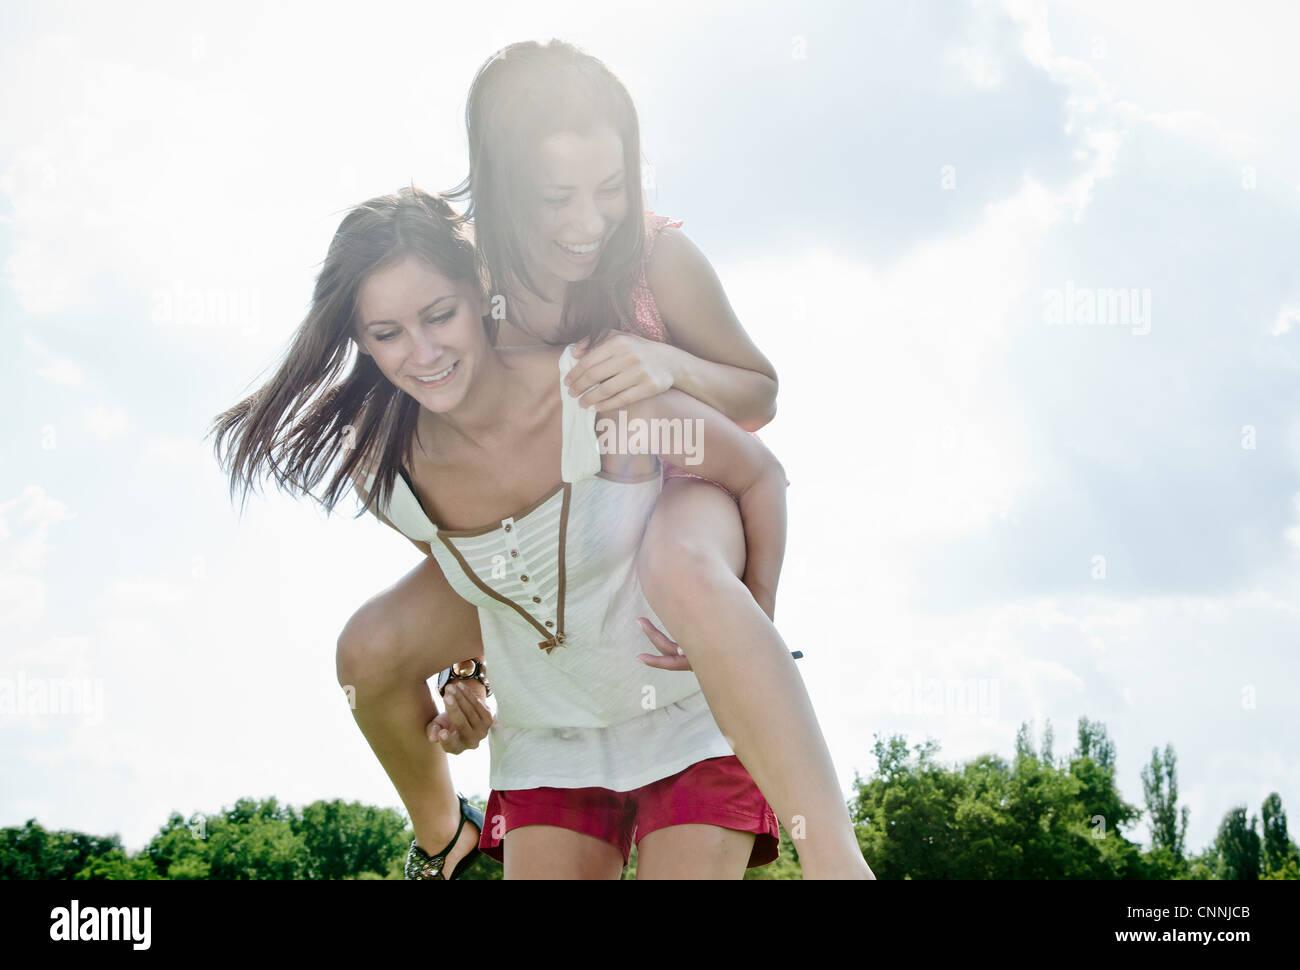 Mujer sonriente jugar afuera juntos Foto de stock